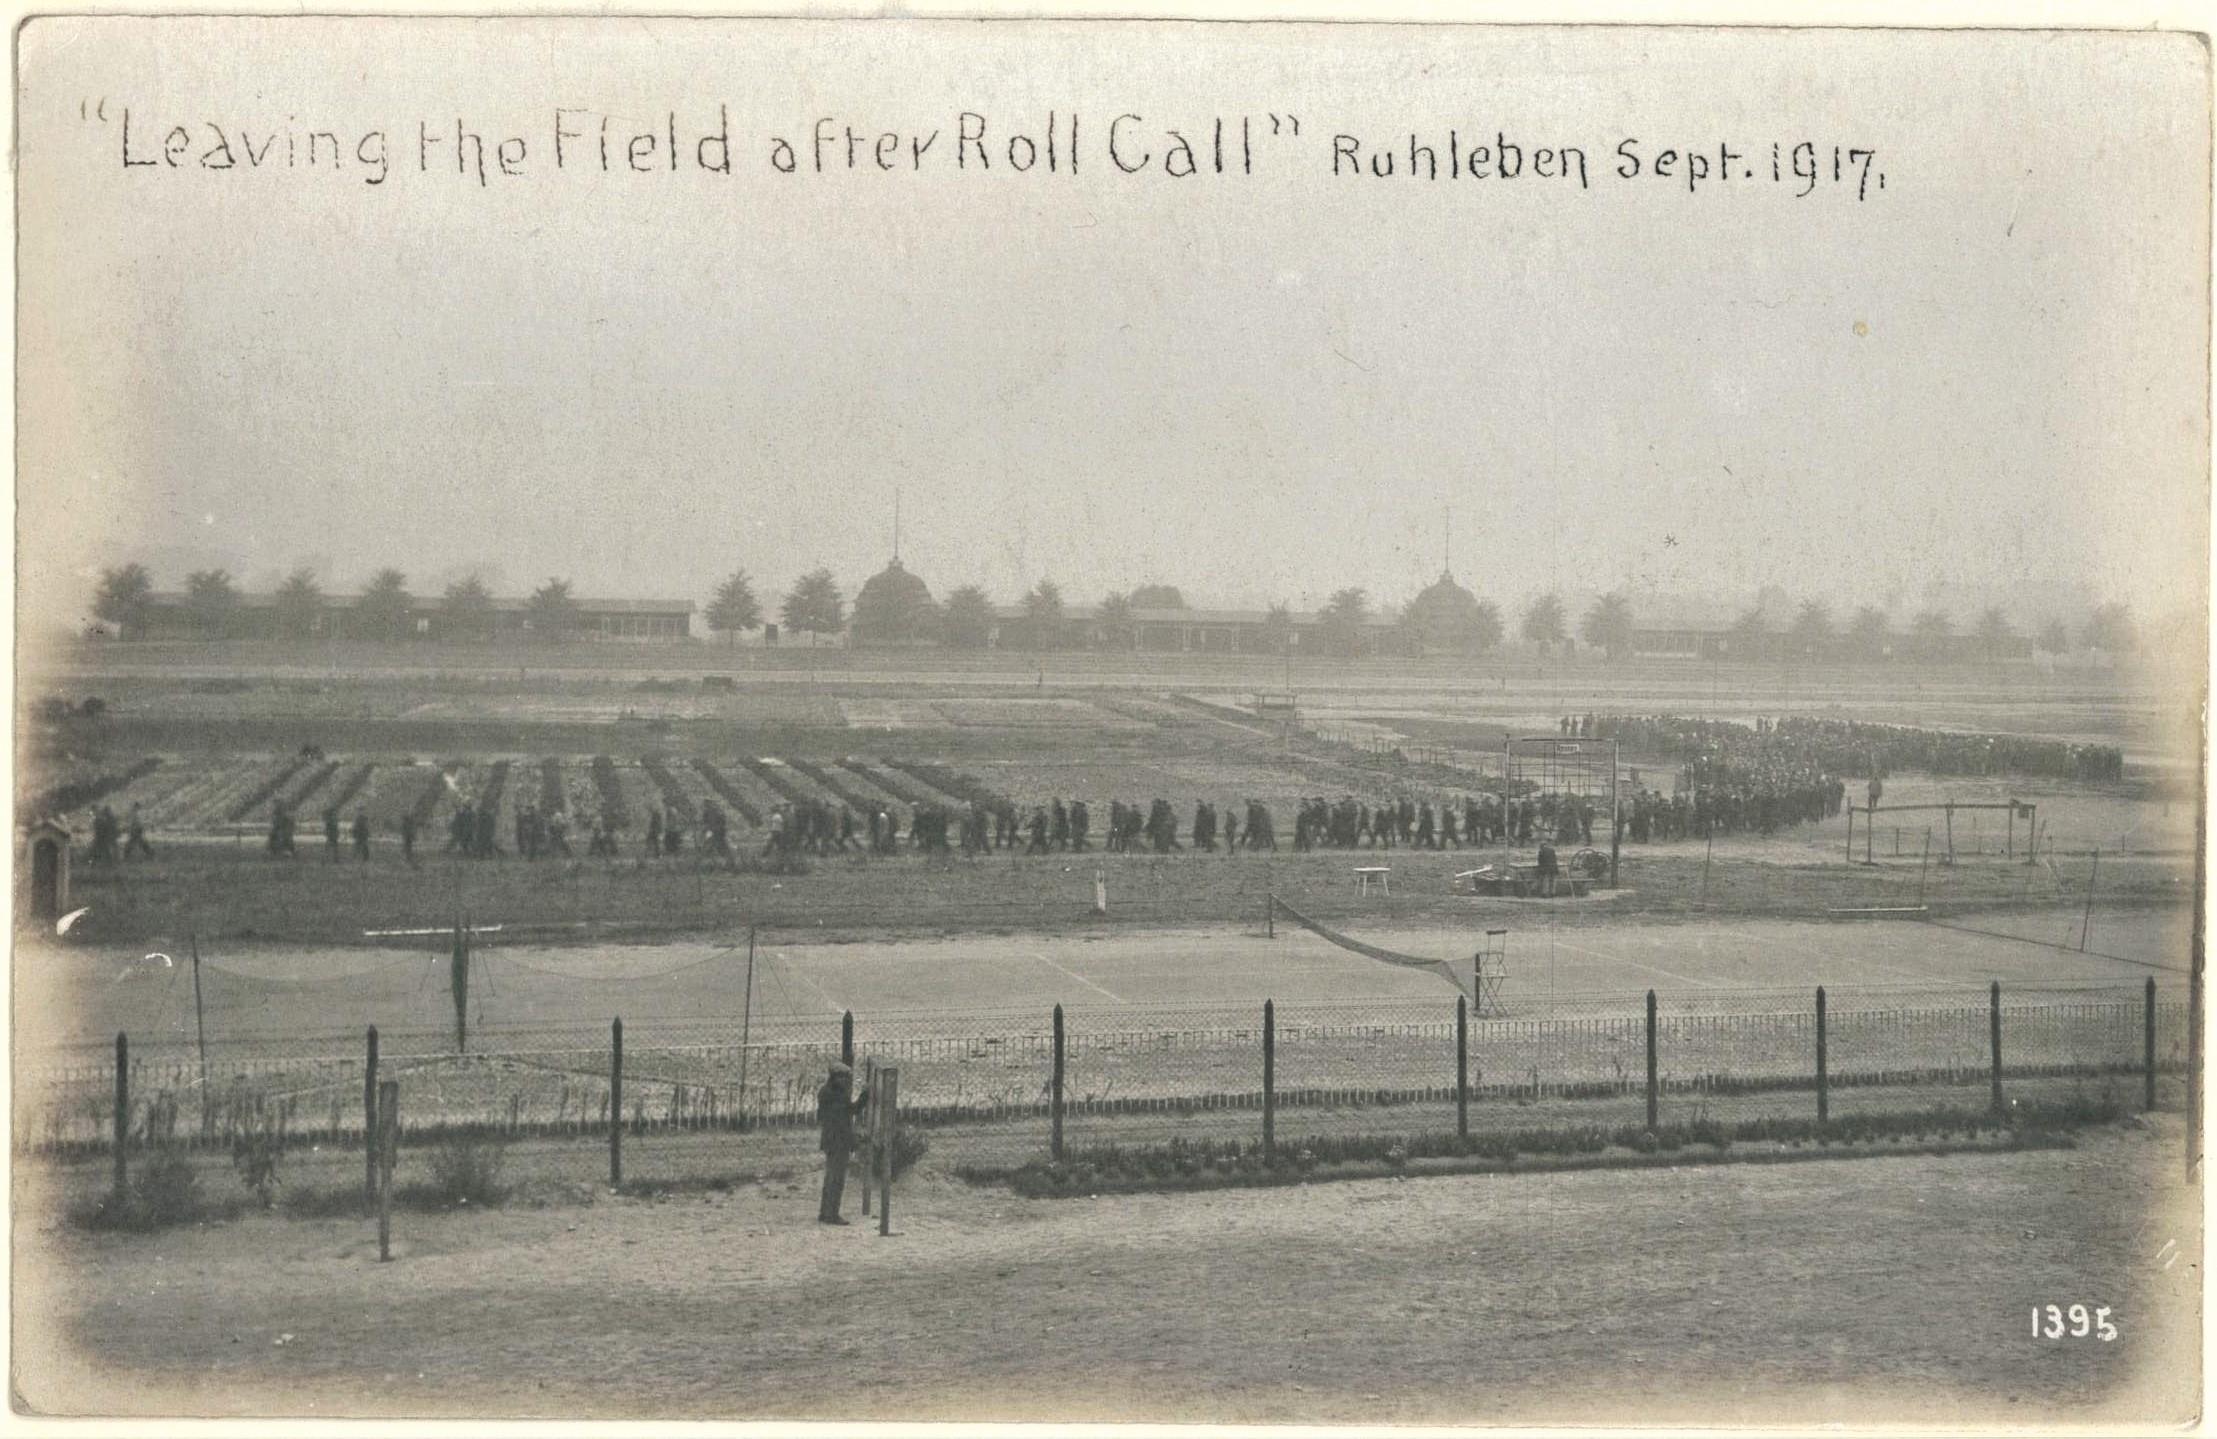 September 1917 roll call